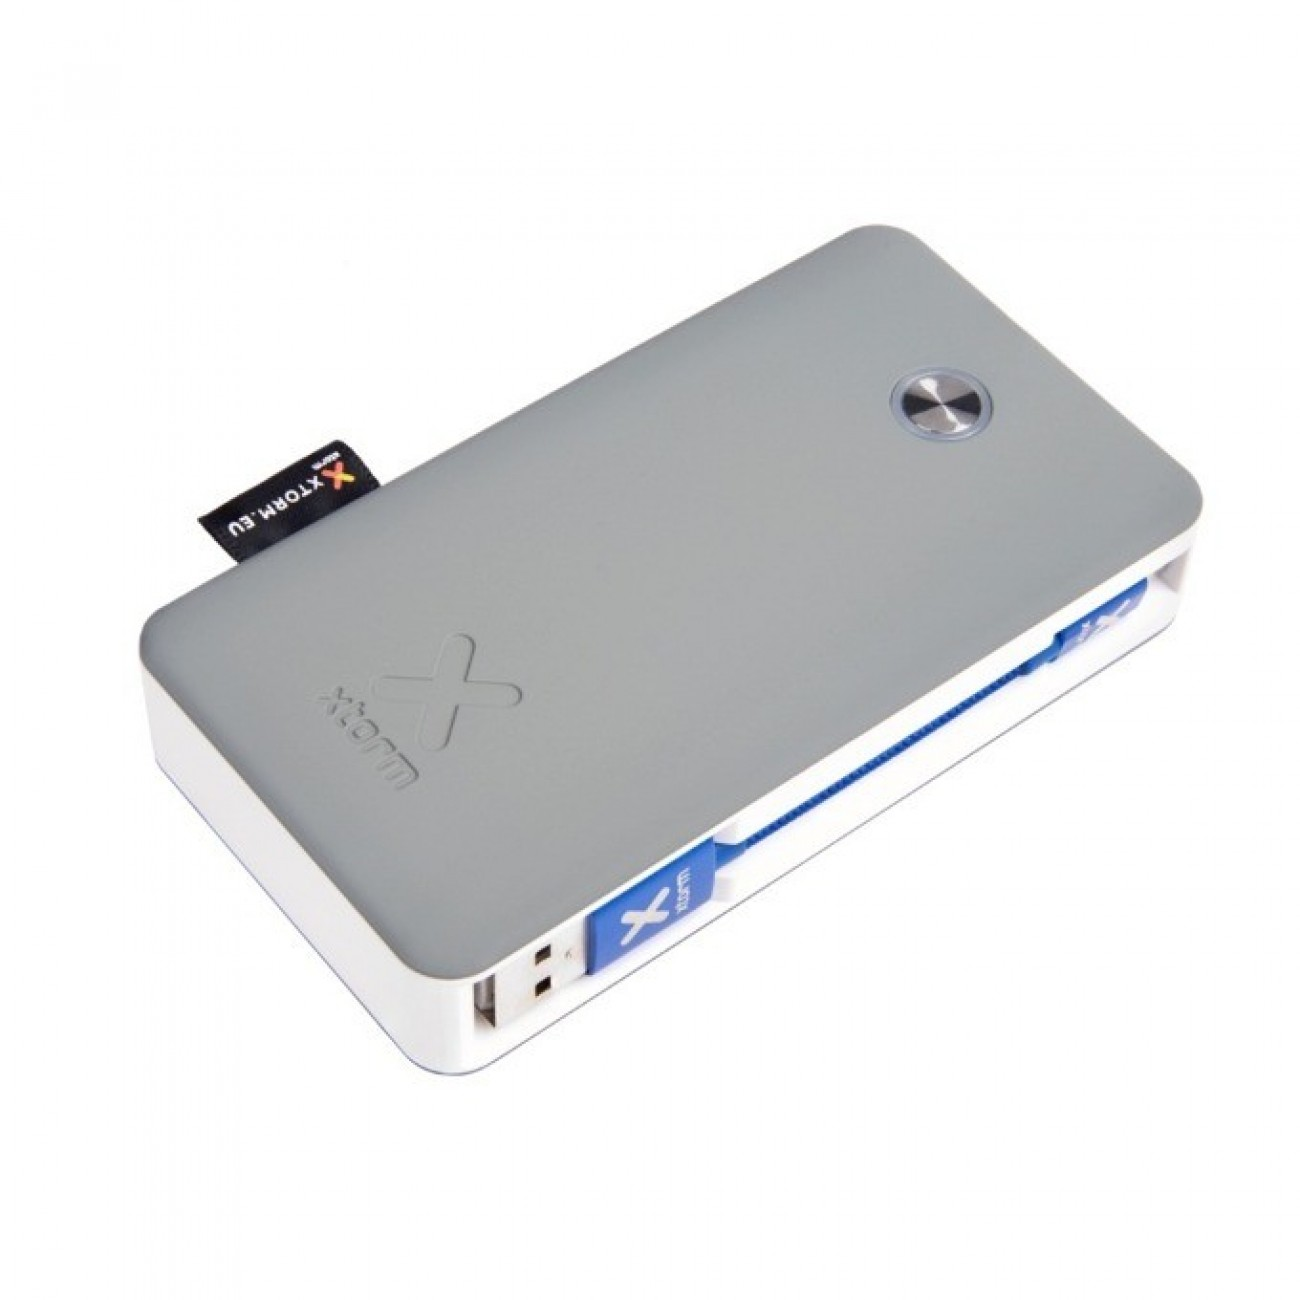 Външна батерия /power bank/ A-solar Xtorm XB200 Power Bank Travel Quick Charge 3.0, 6700 mAh, сива в Външни батерии - A-Solar | Alleop